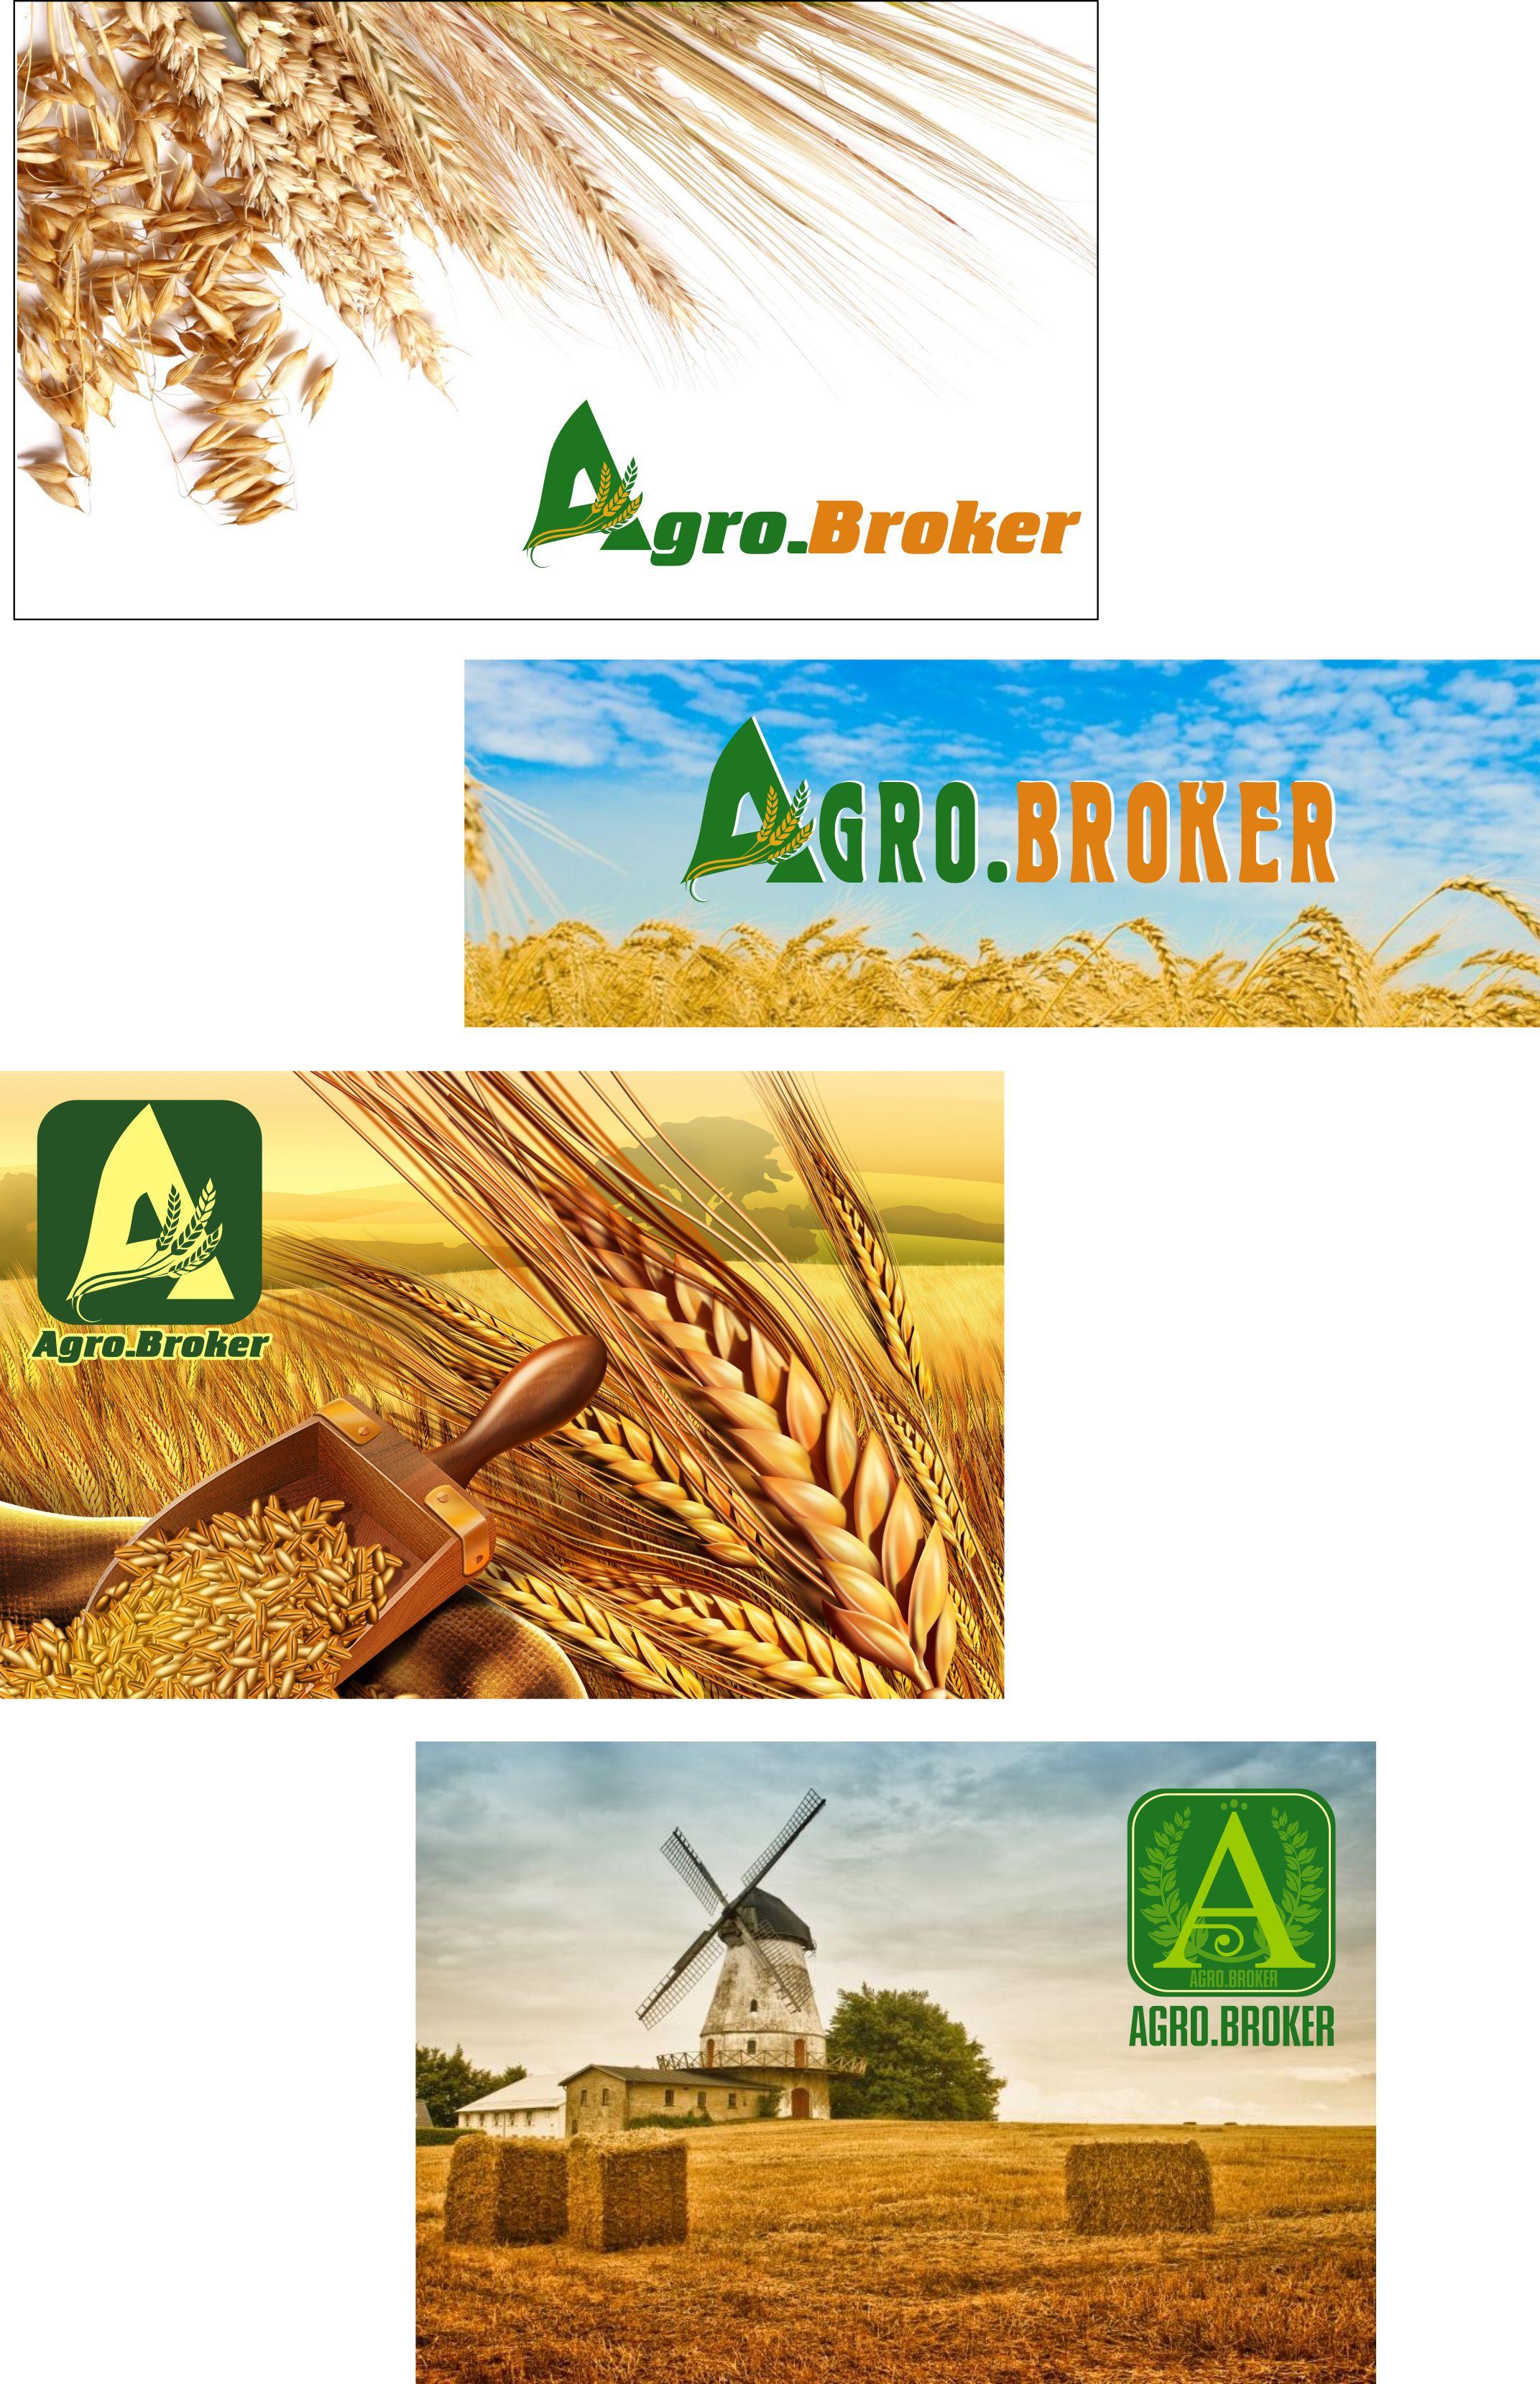 ТЗ на разработку пакета айдентики Agro.Broker фото f_241596cb895b5da0.jpg